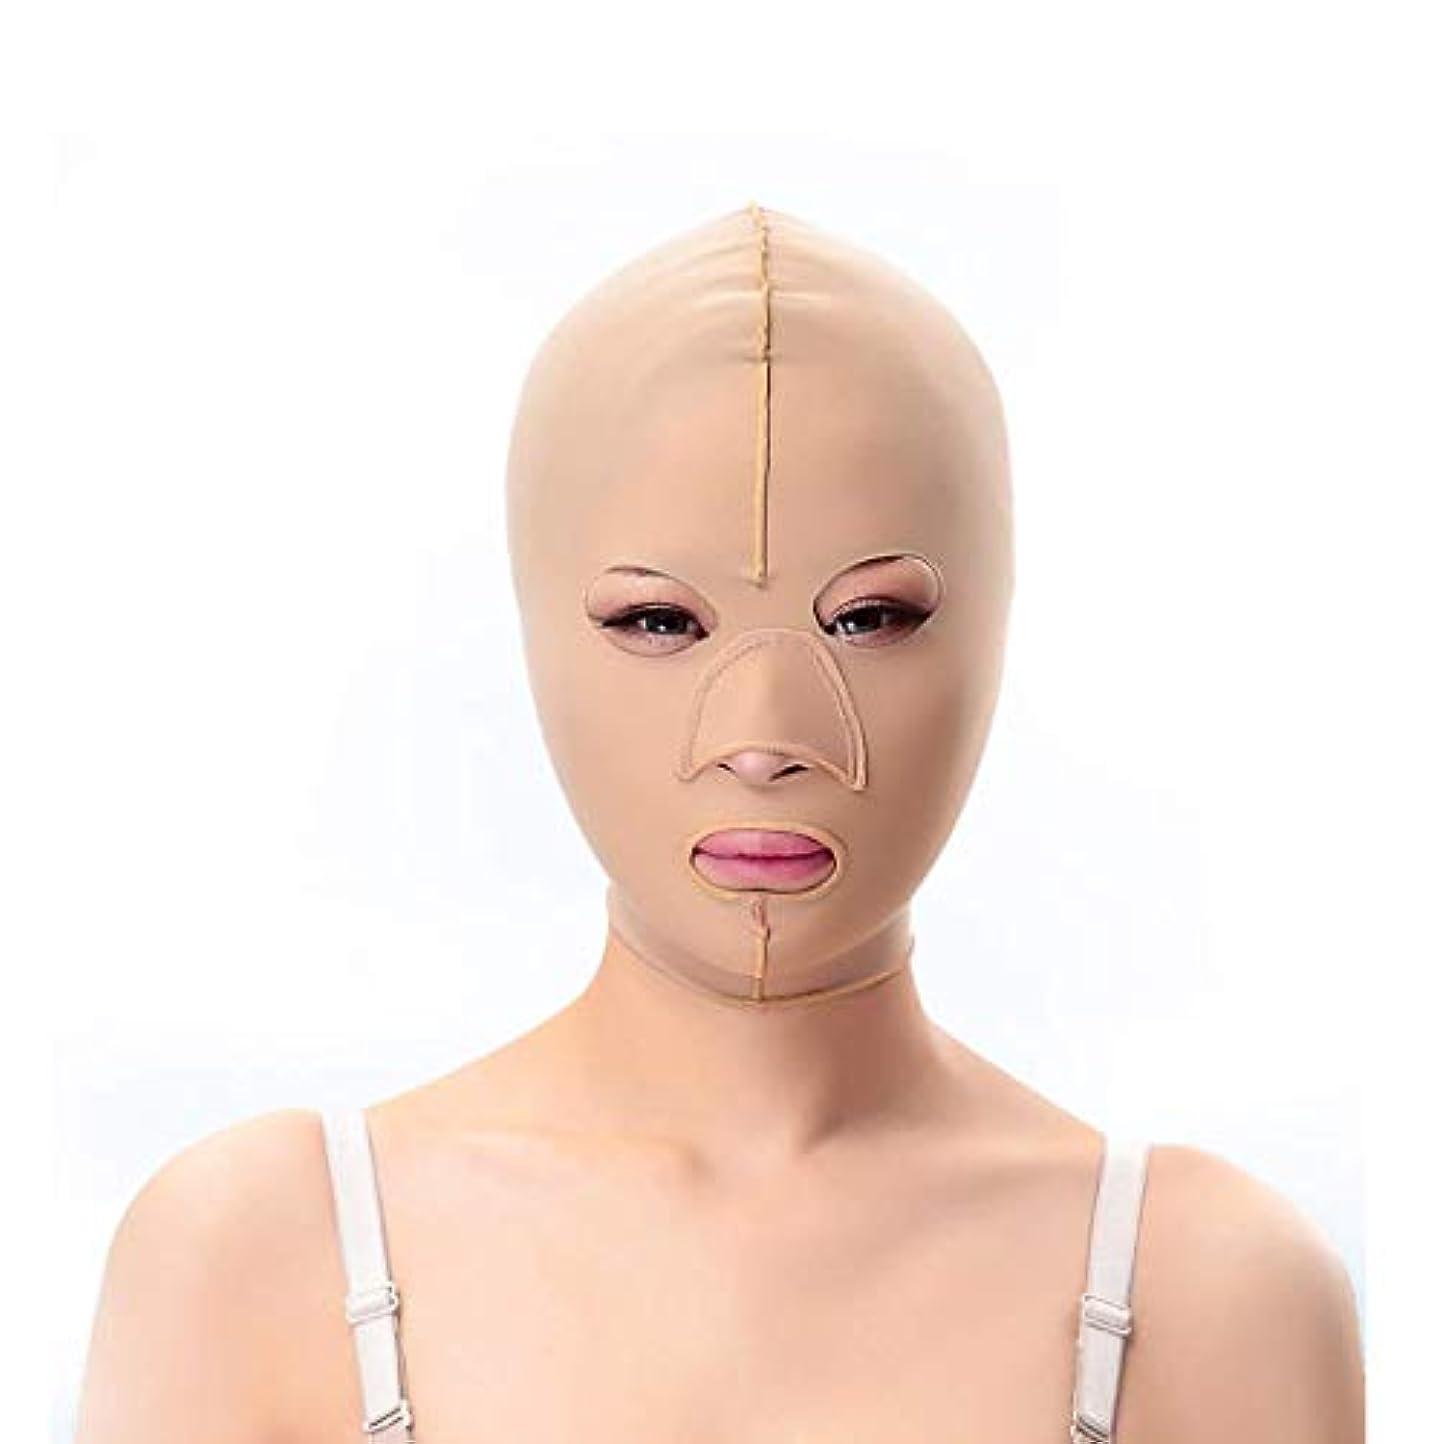 スリミングベルト、二重あごの引き締め顔のプラスチックフェイスアーティファクト強力なフェイス包帯を脇に持ち上げるパターンを欺くためのフェイシャルマスクシンフェイスマスク(サイズ:L),XXL